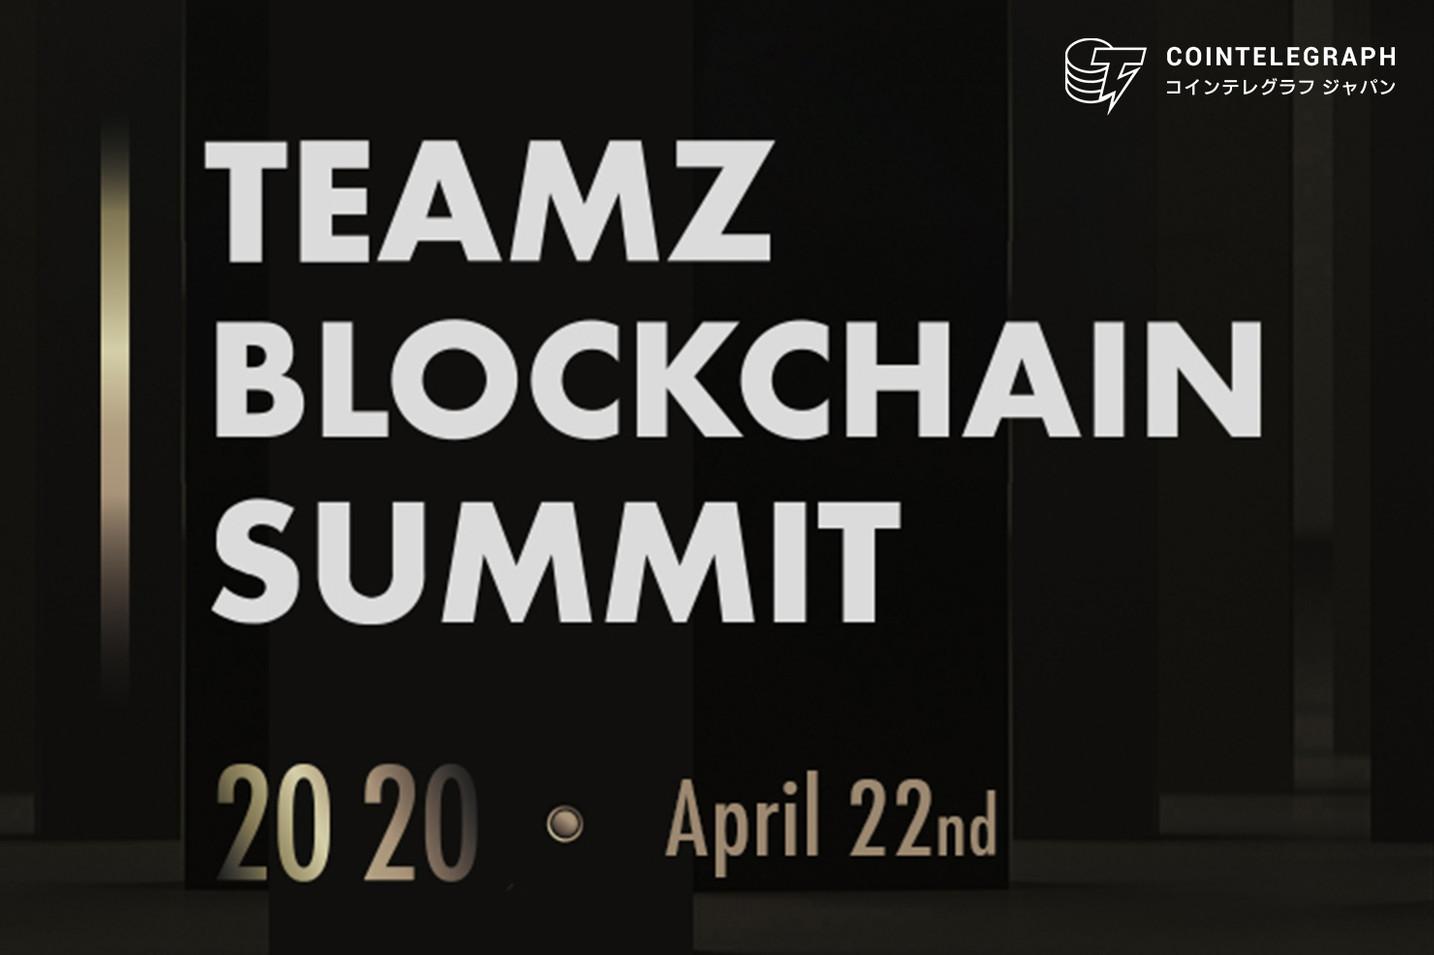 「TEAMZブロックチェーンサミット」の魅力とは?  先着50名のコインテレグラフ読者の皆様に入場無料チケットを2月末まで配布